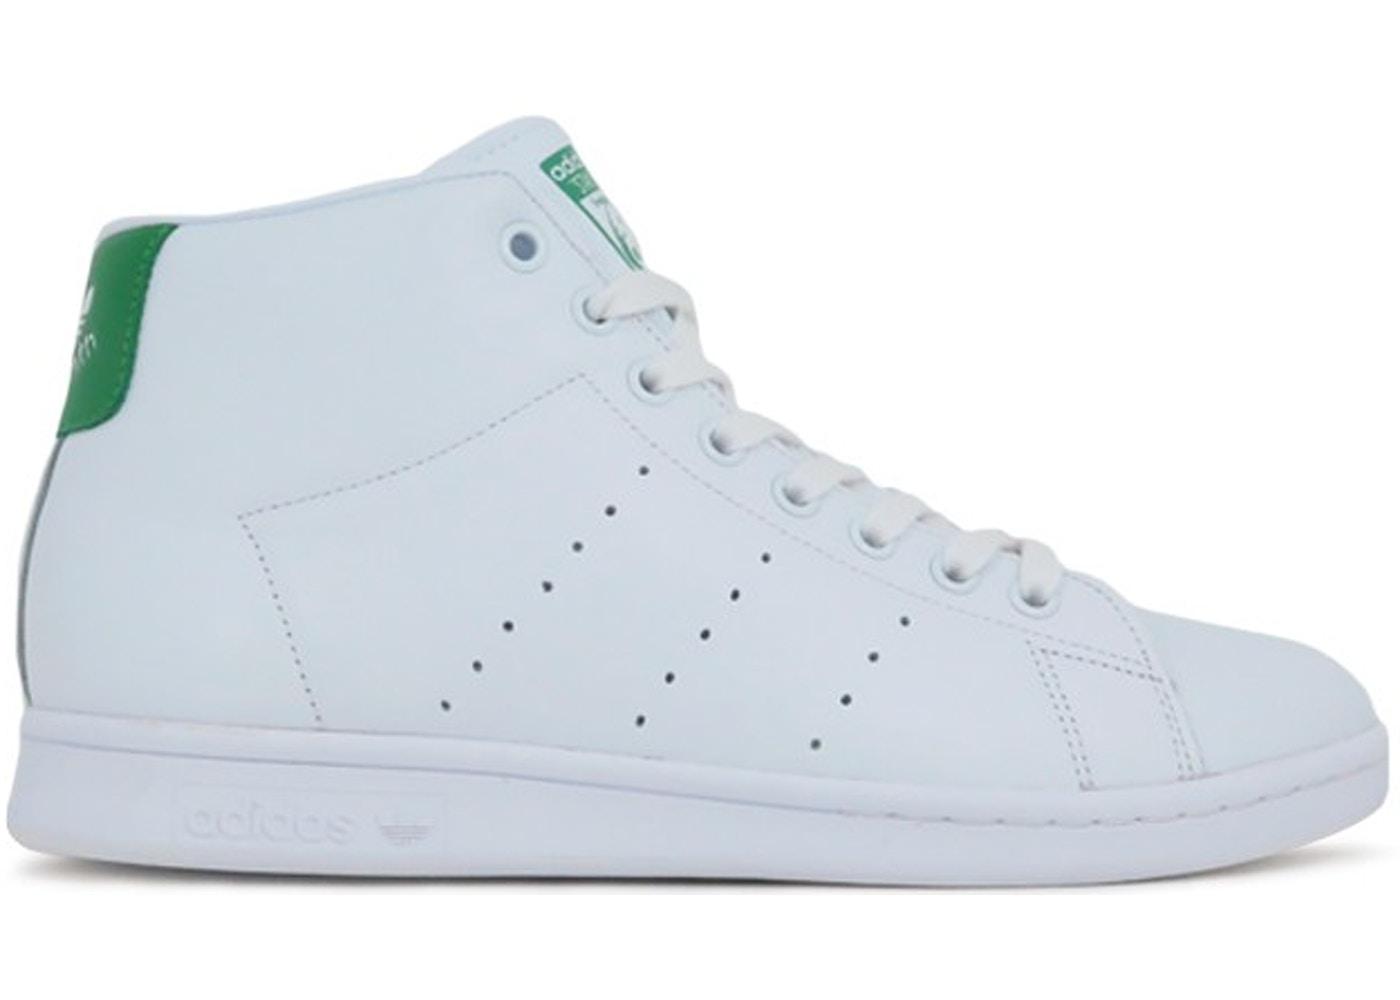 adidas Stan Smith Mid White Green - BB0069